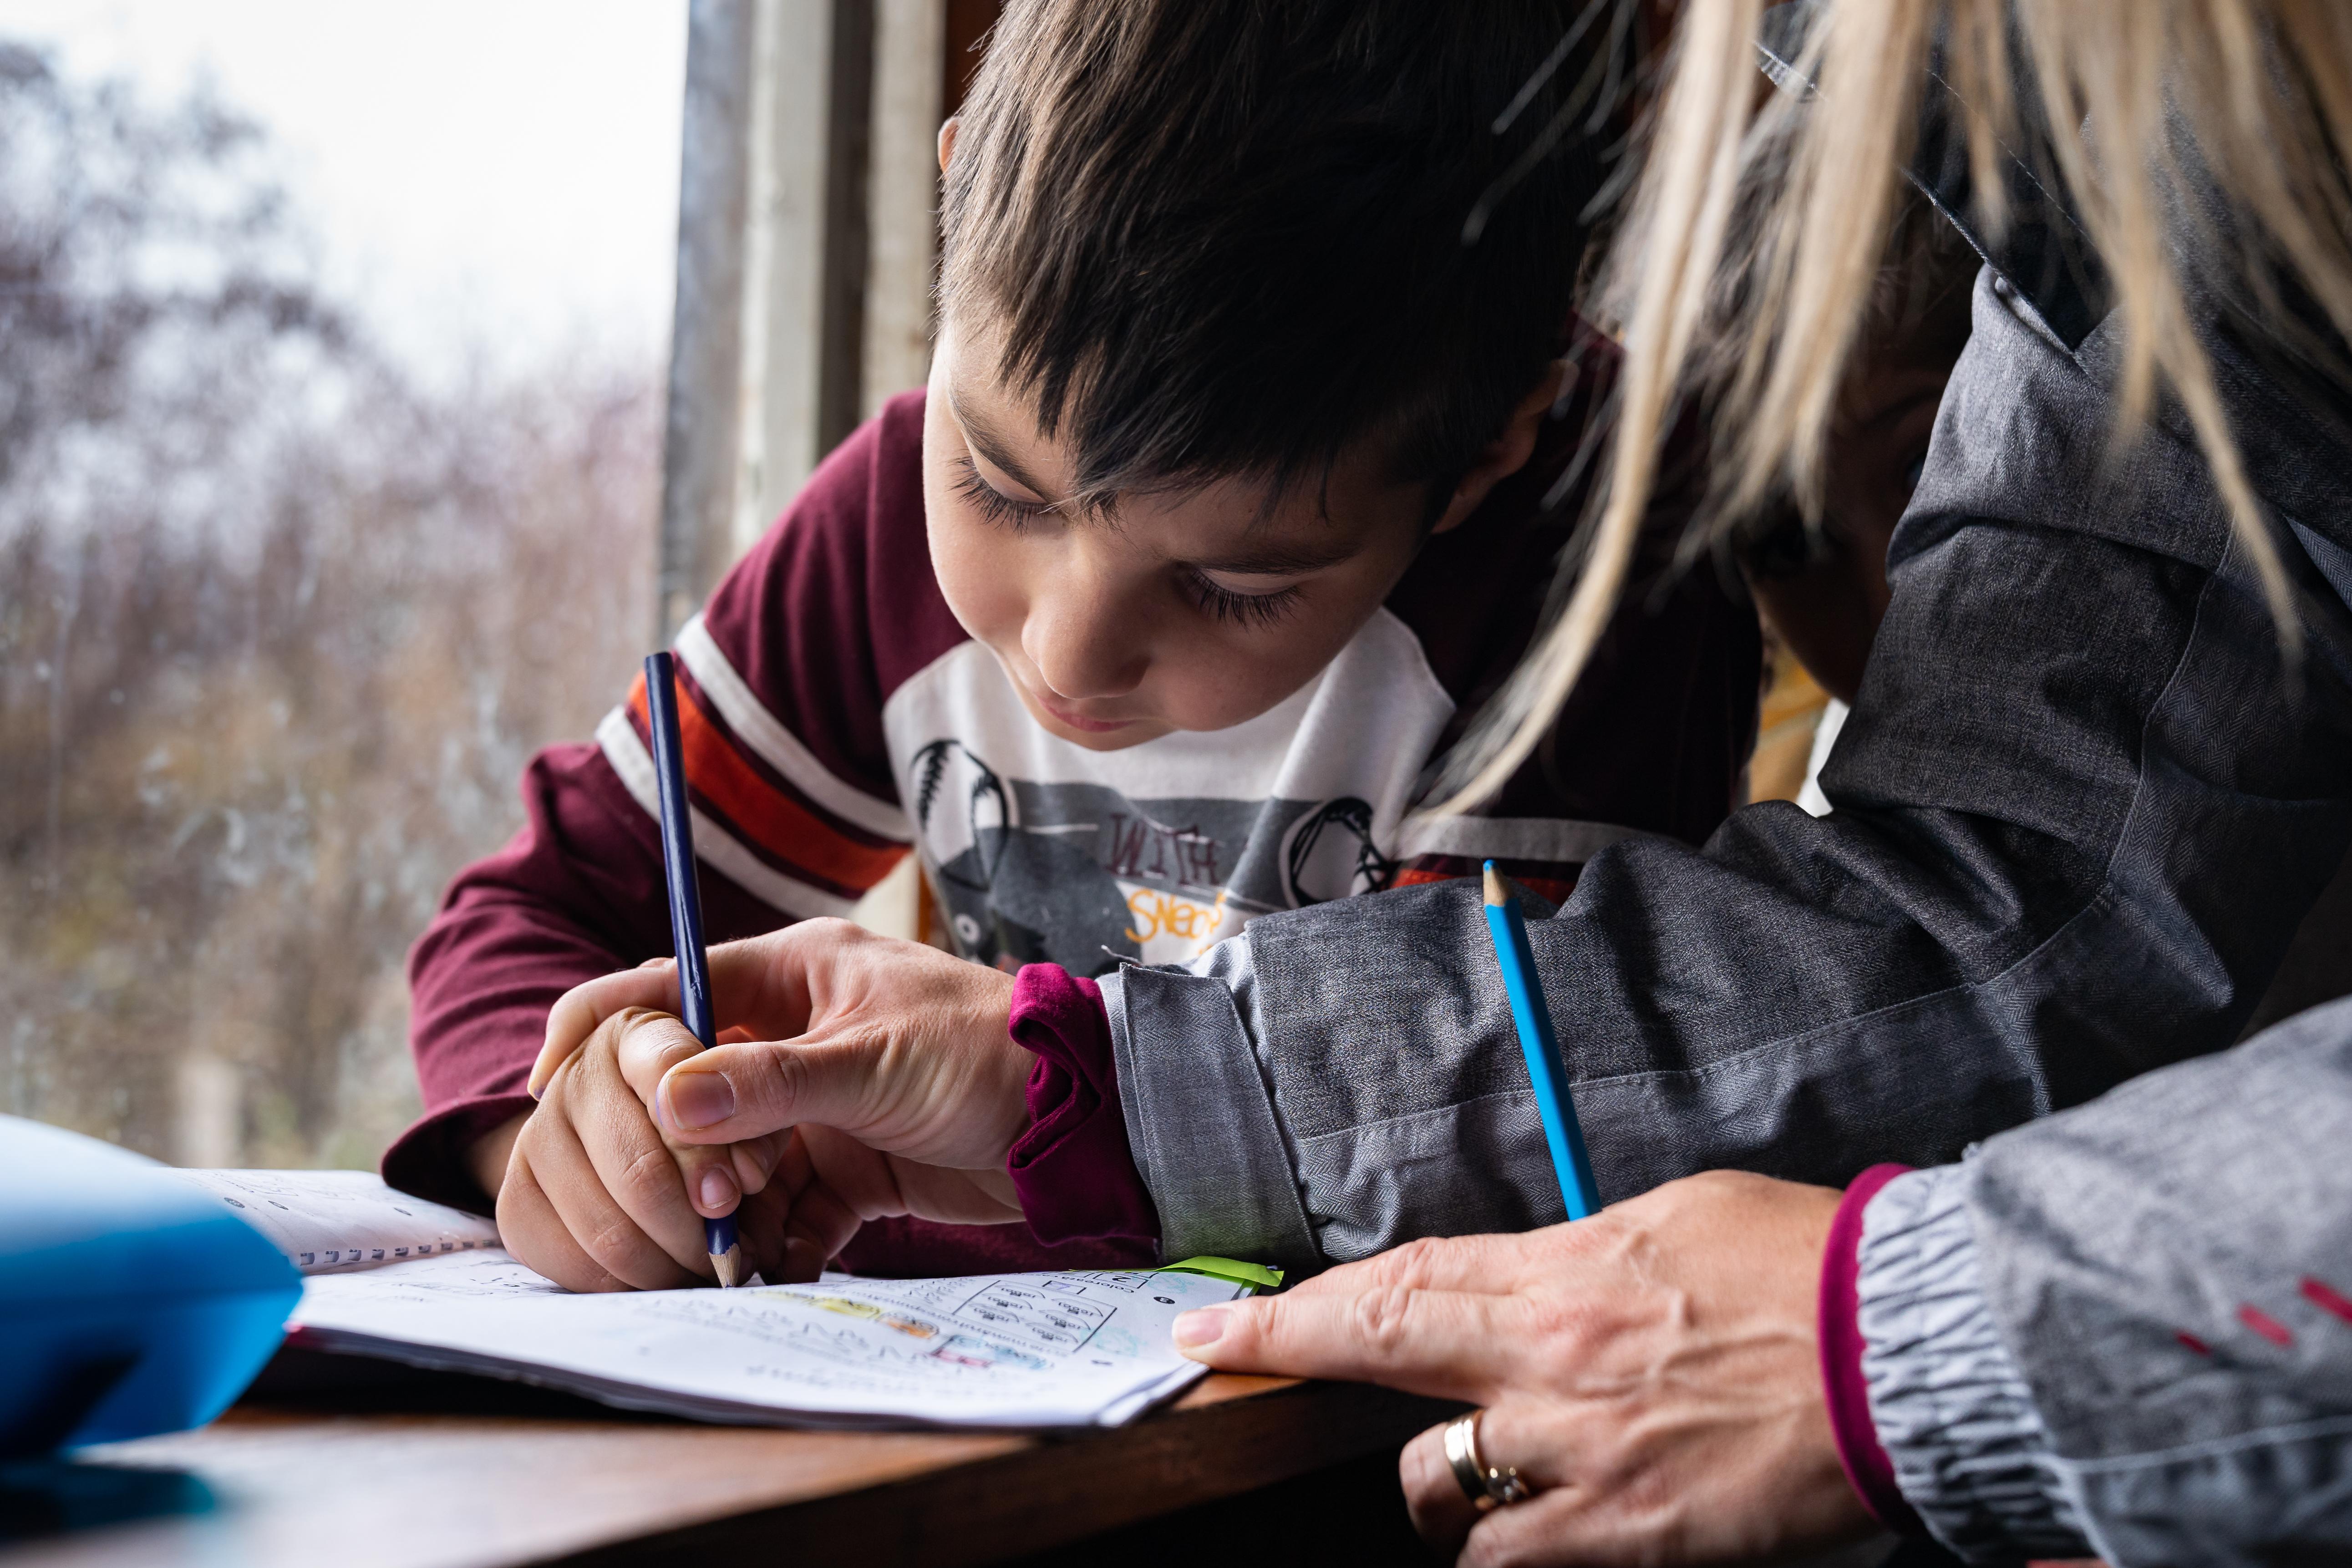 Fundația United Way susține educația de calitate și sprijină pentru încă doi ani programul Teach for Romania